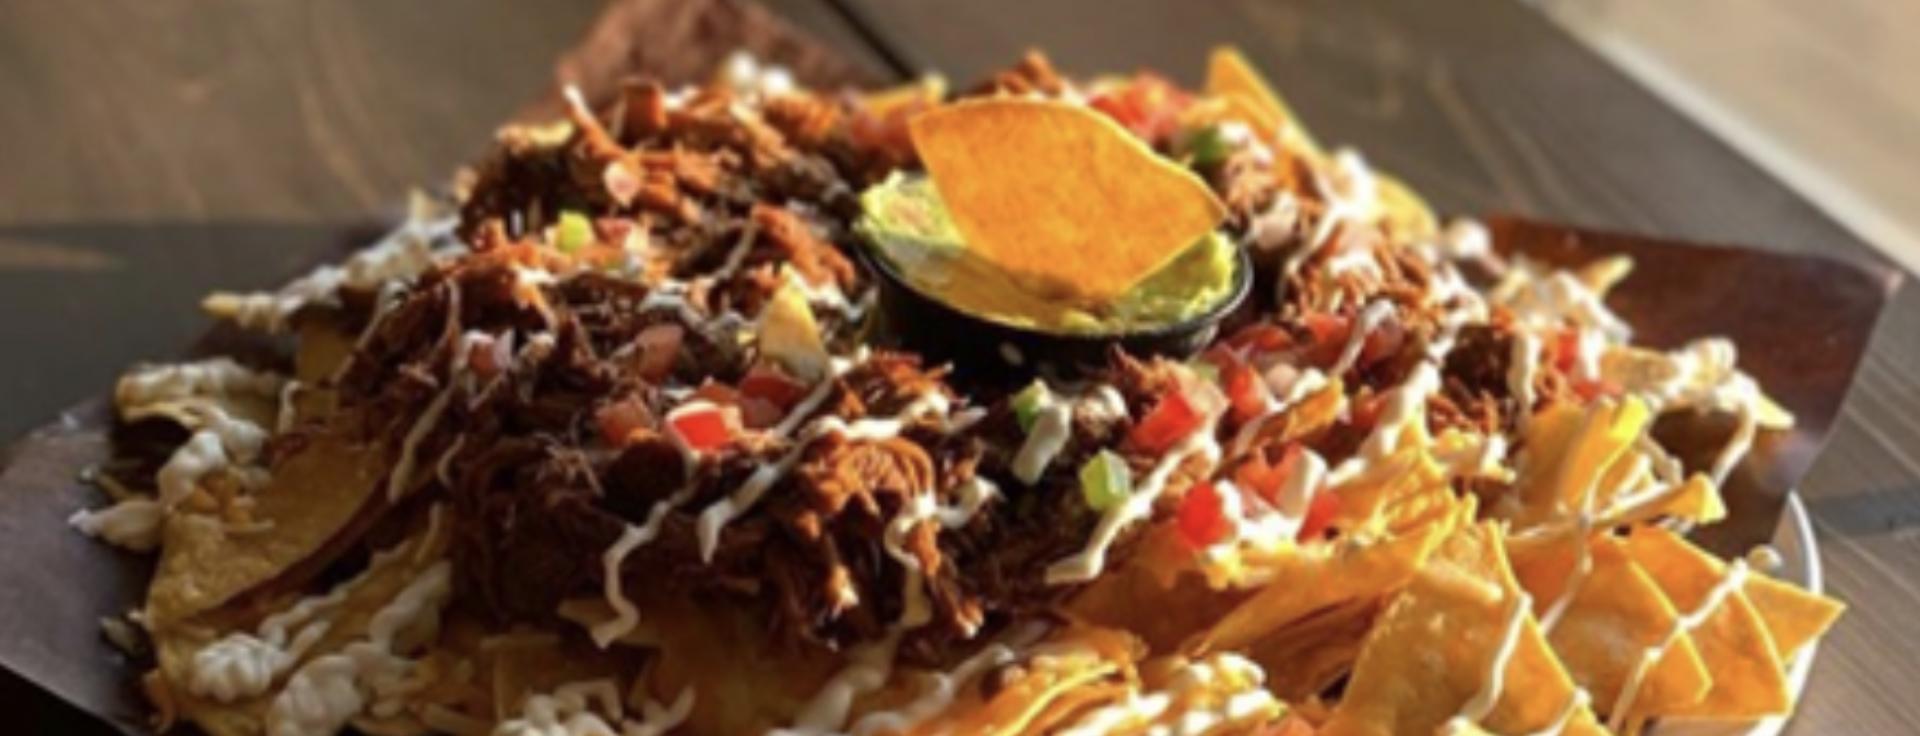 Chilaquil Nachos